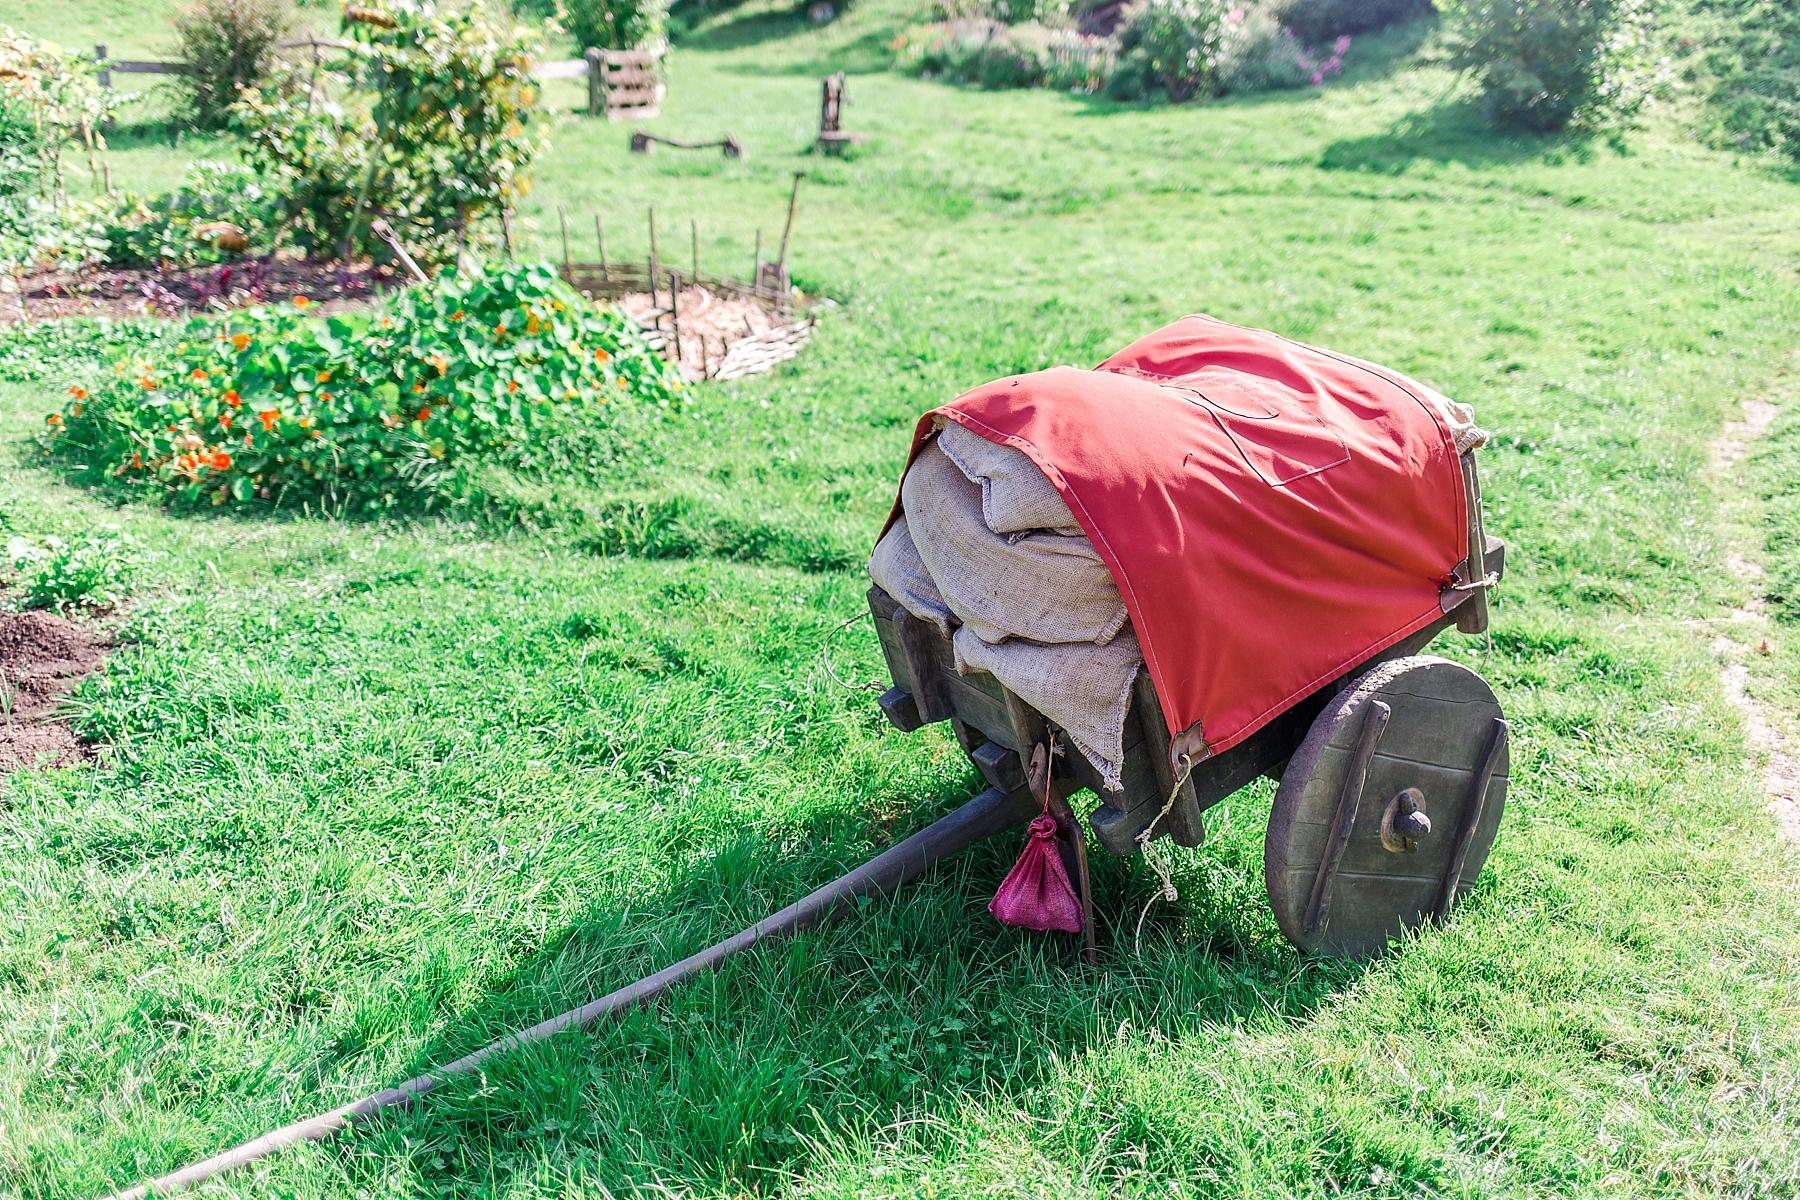 hobbiton-movie-set-matamata-hamilton-north-island-new-zealand-scenery_0243.jpg